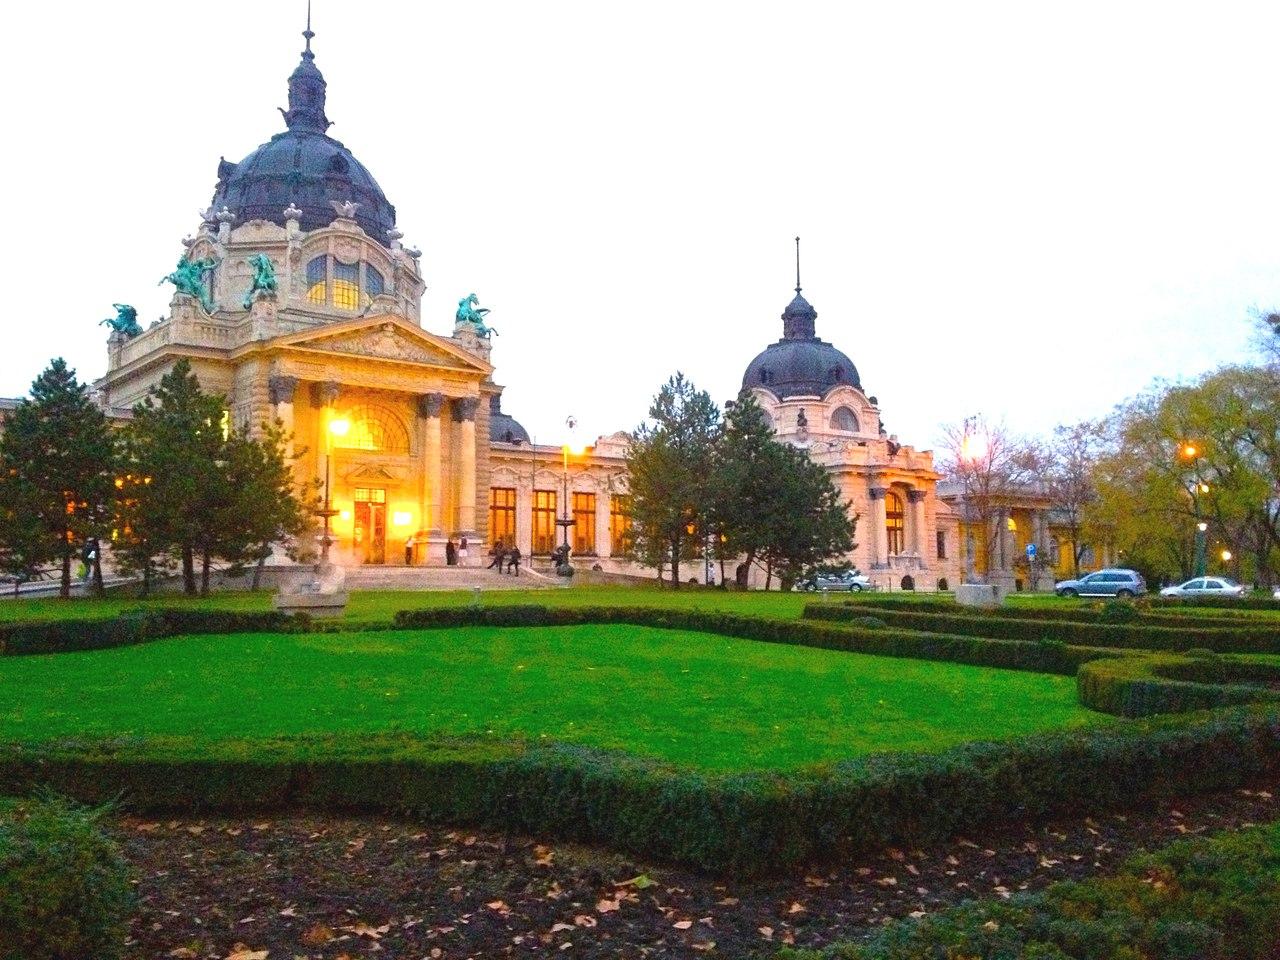 Проведіть свій вікенд у Будапешті та Відні!